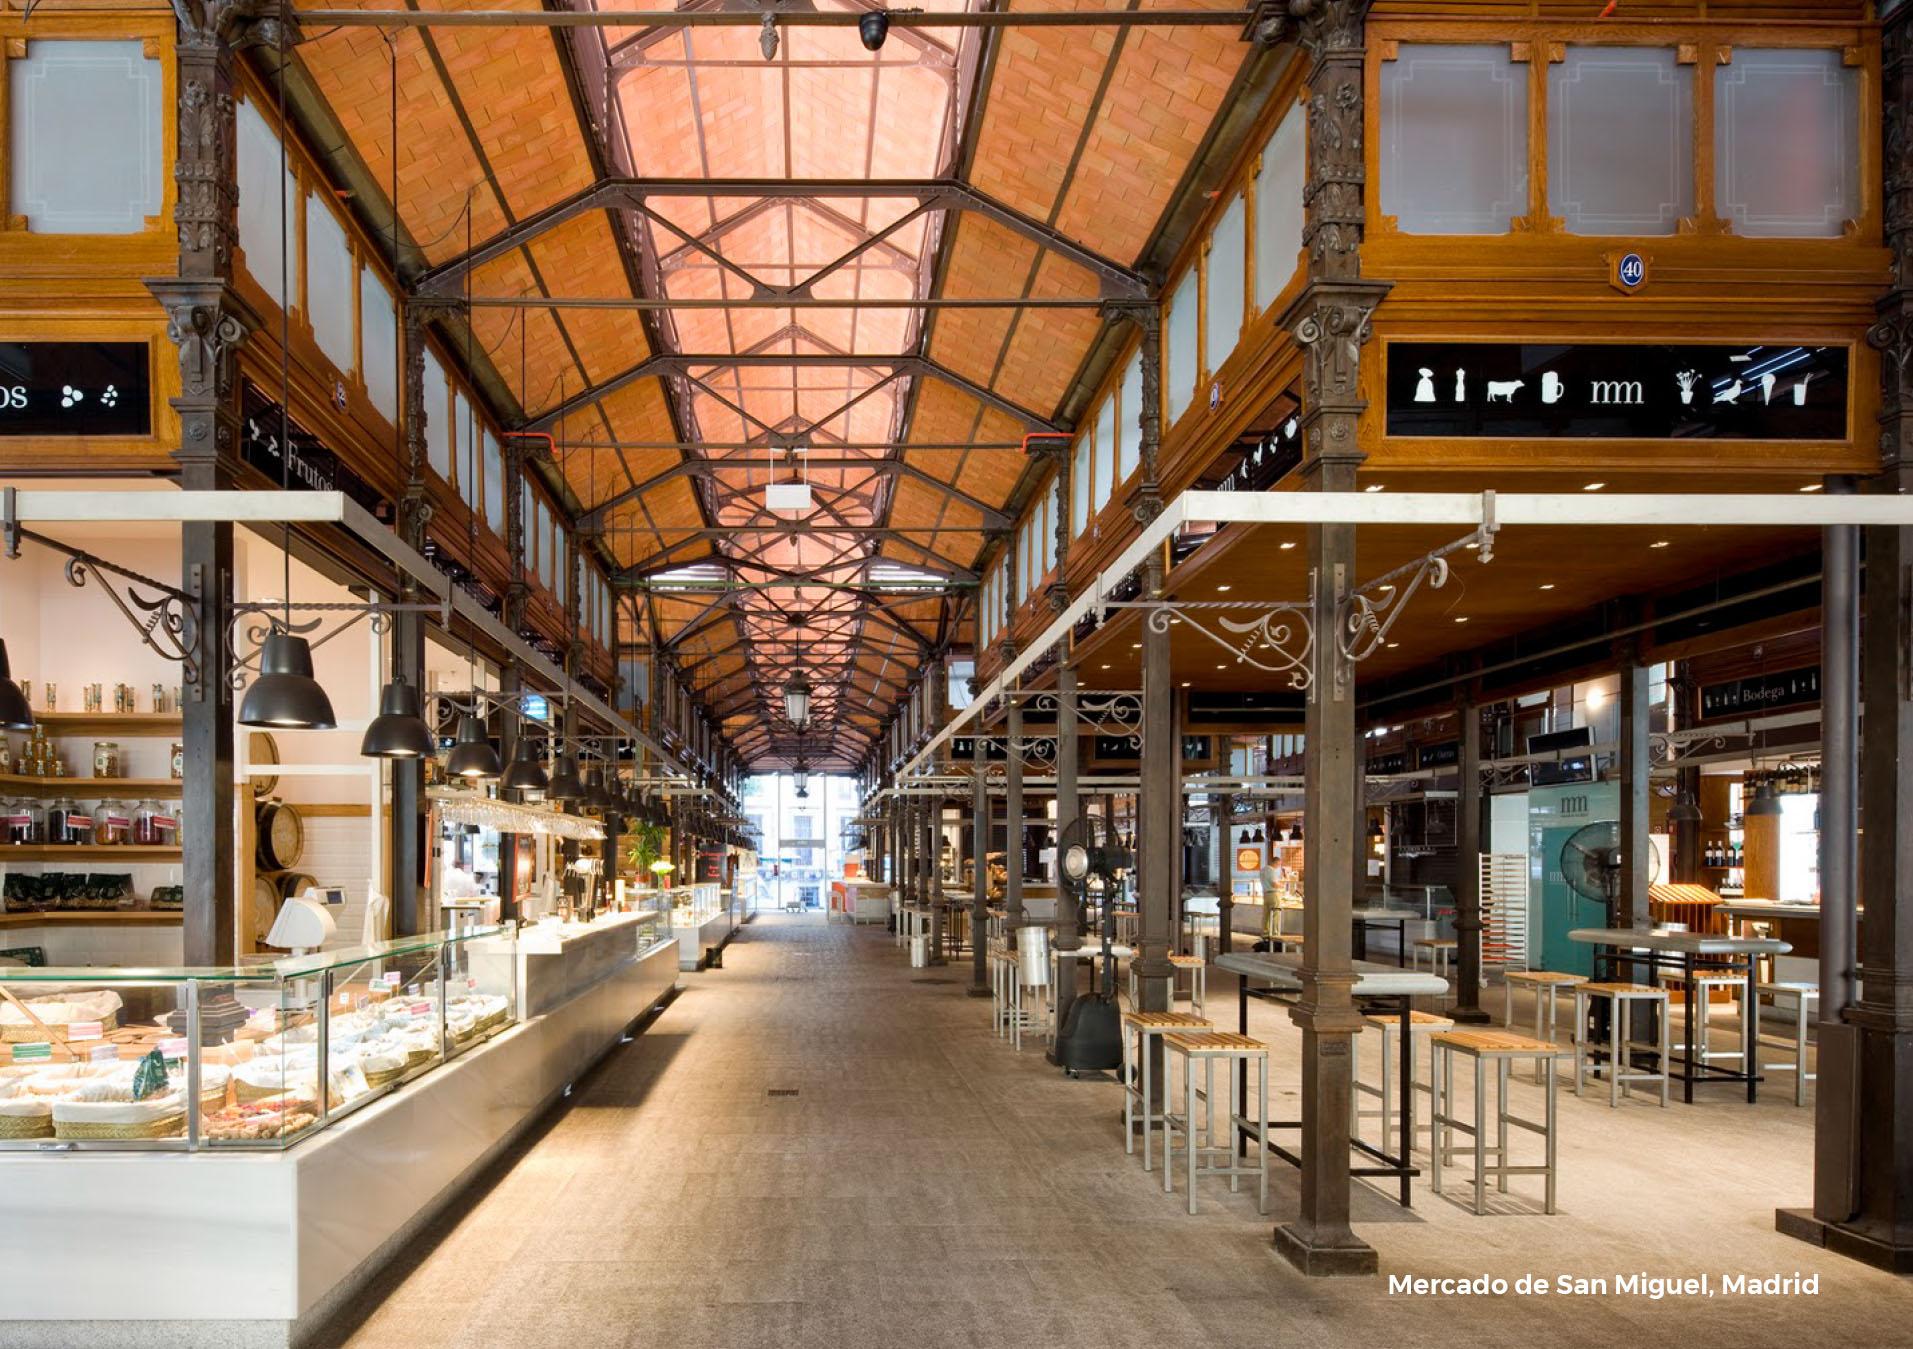 Se inspira en el tradicional Mercado San Miguel de Madrid, España. Con más de un siglo, es uno de los centros de gastronomía española más famosos del mundo